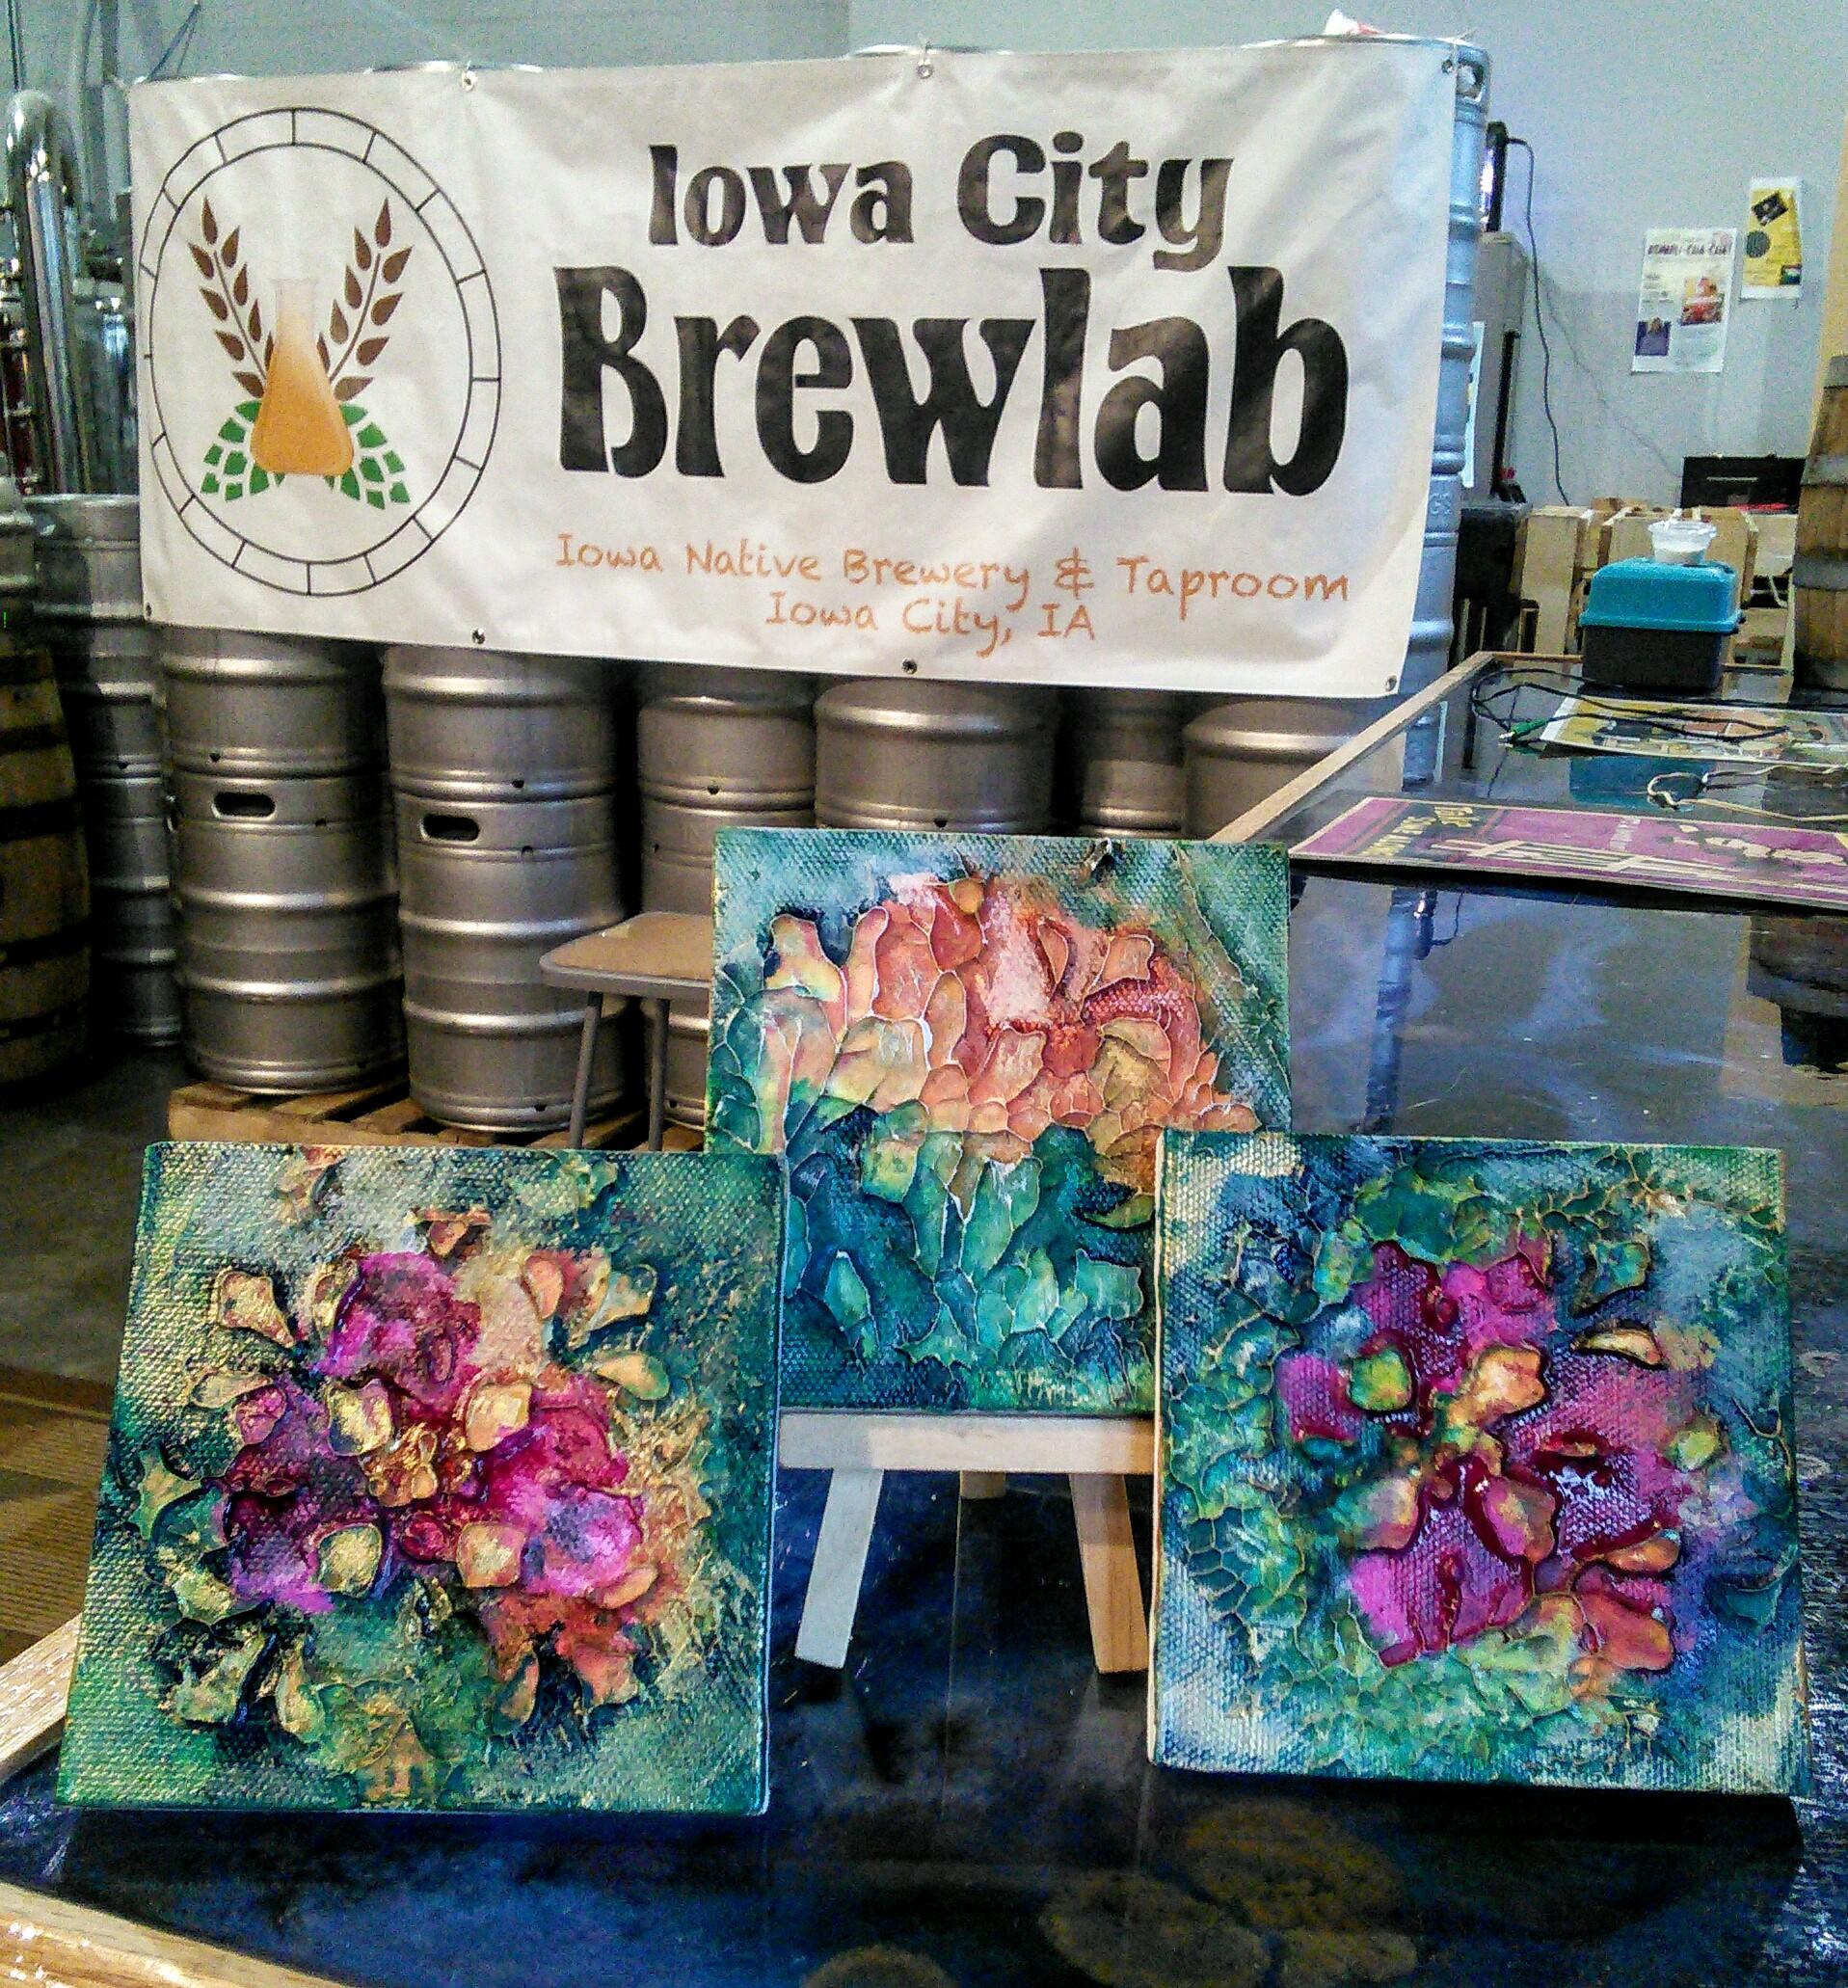 Make & Take Art at the Brewlab